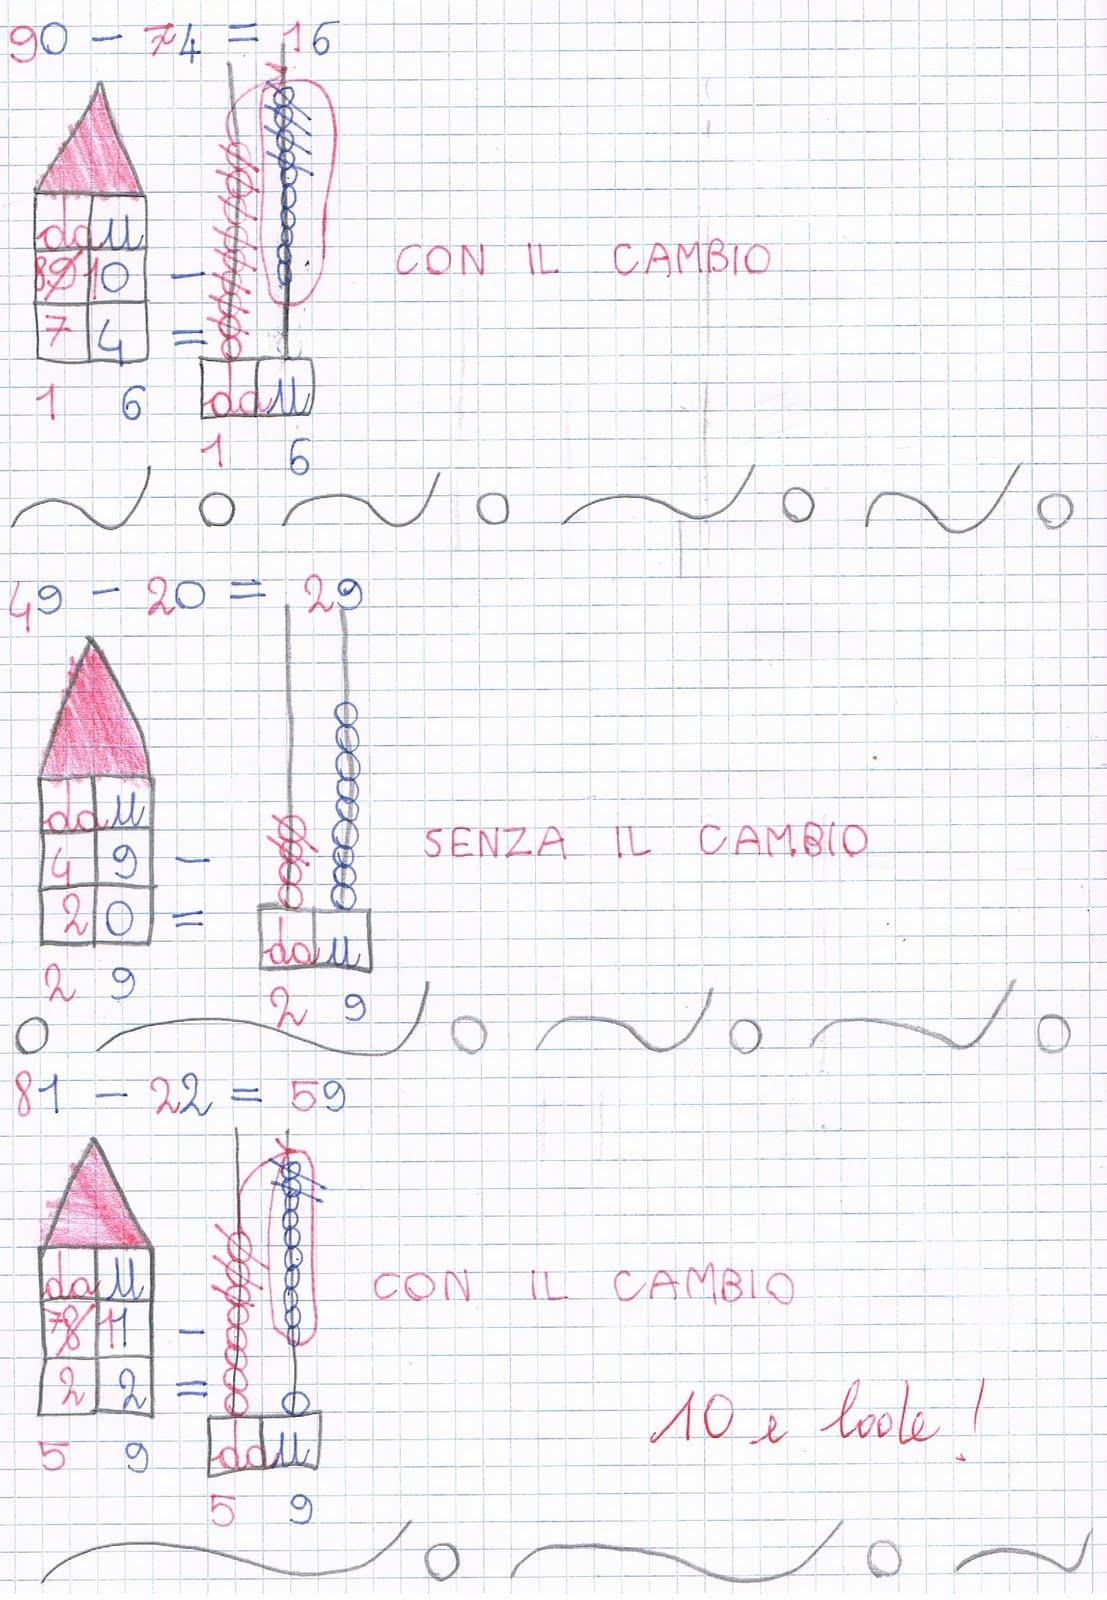 Exceptionnel Sottrazioni in colonna e sull'abaco, con il cambio e senza cambio UZ79